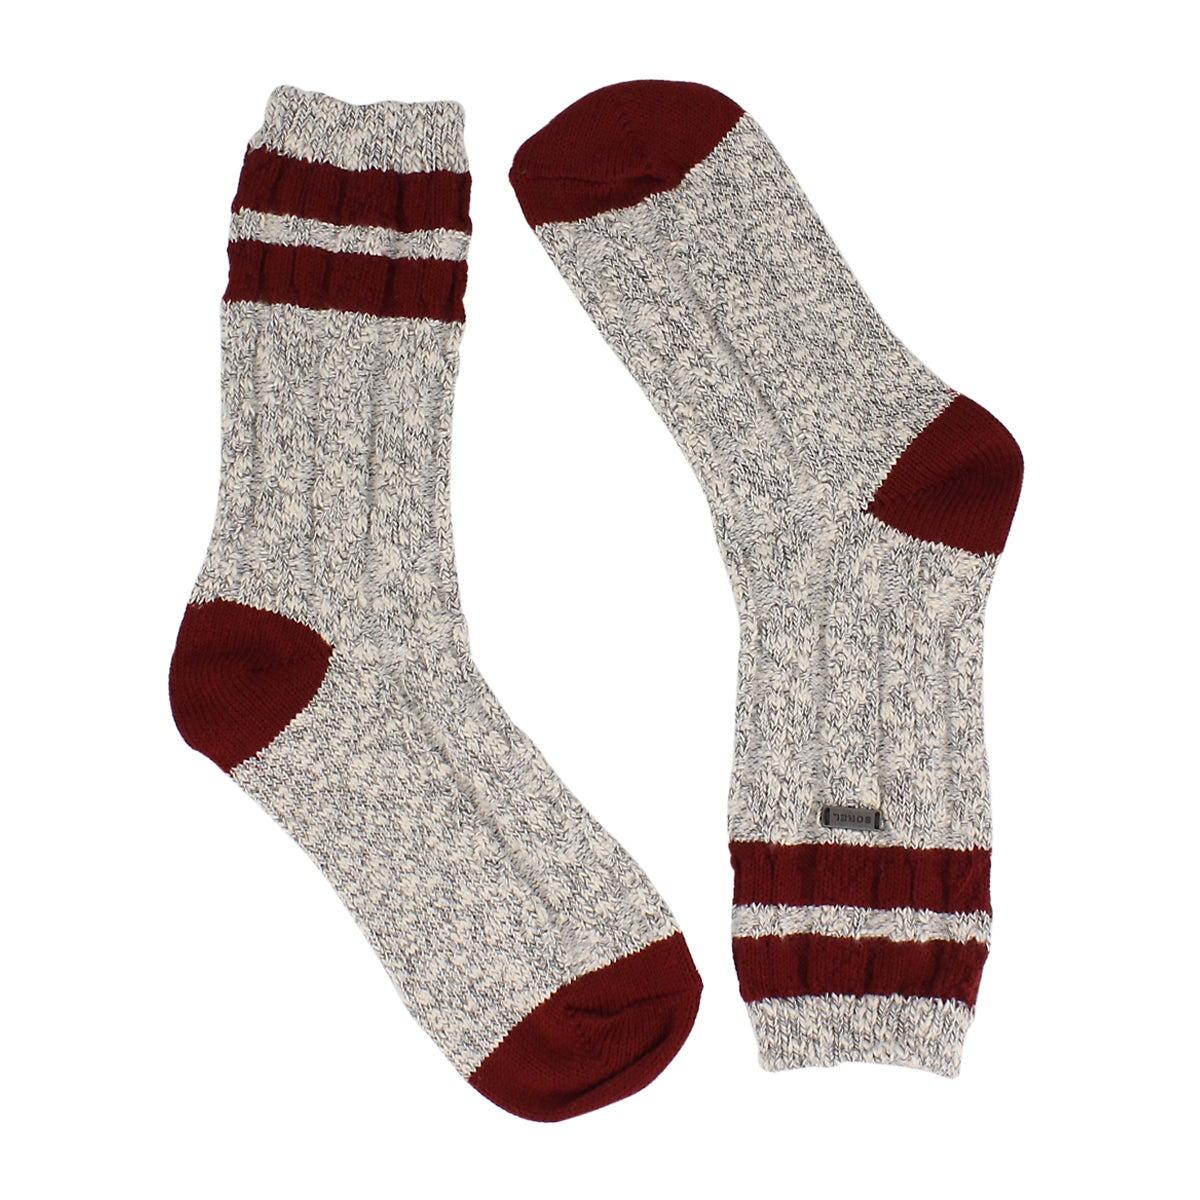 Women's VARSITY STRIPE quarry/wht/red tall socks